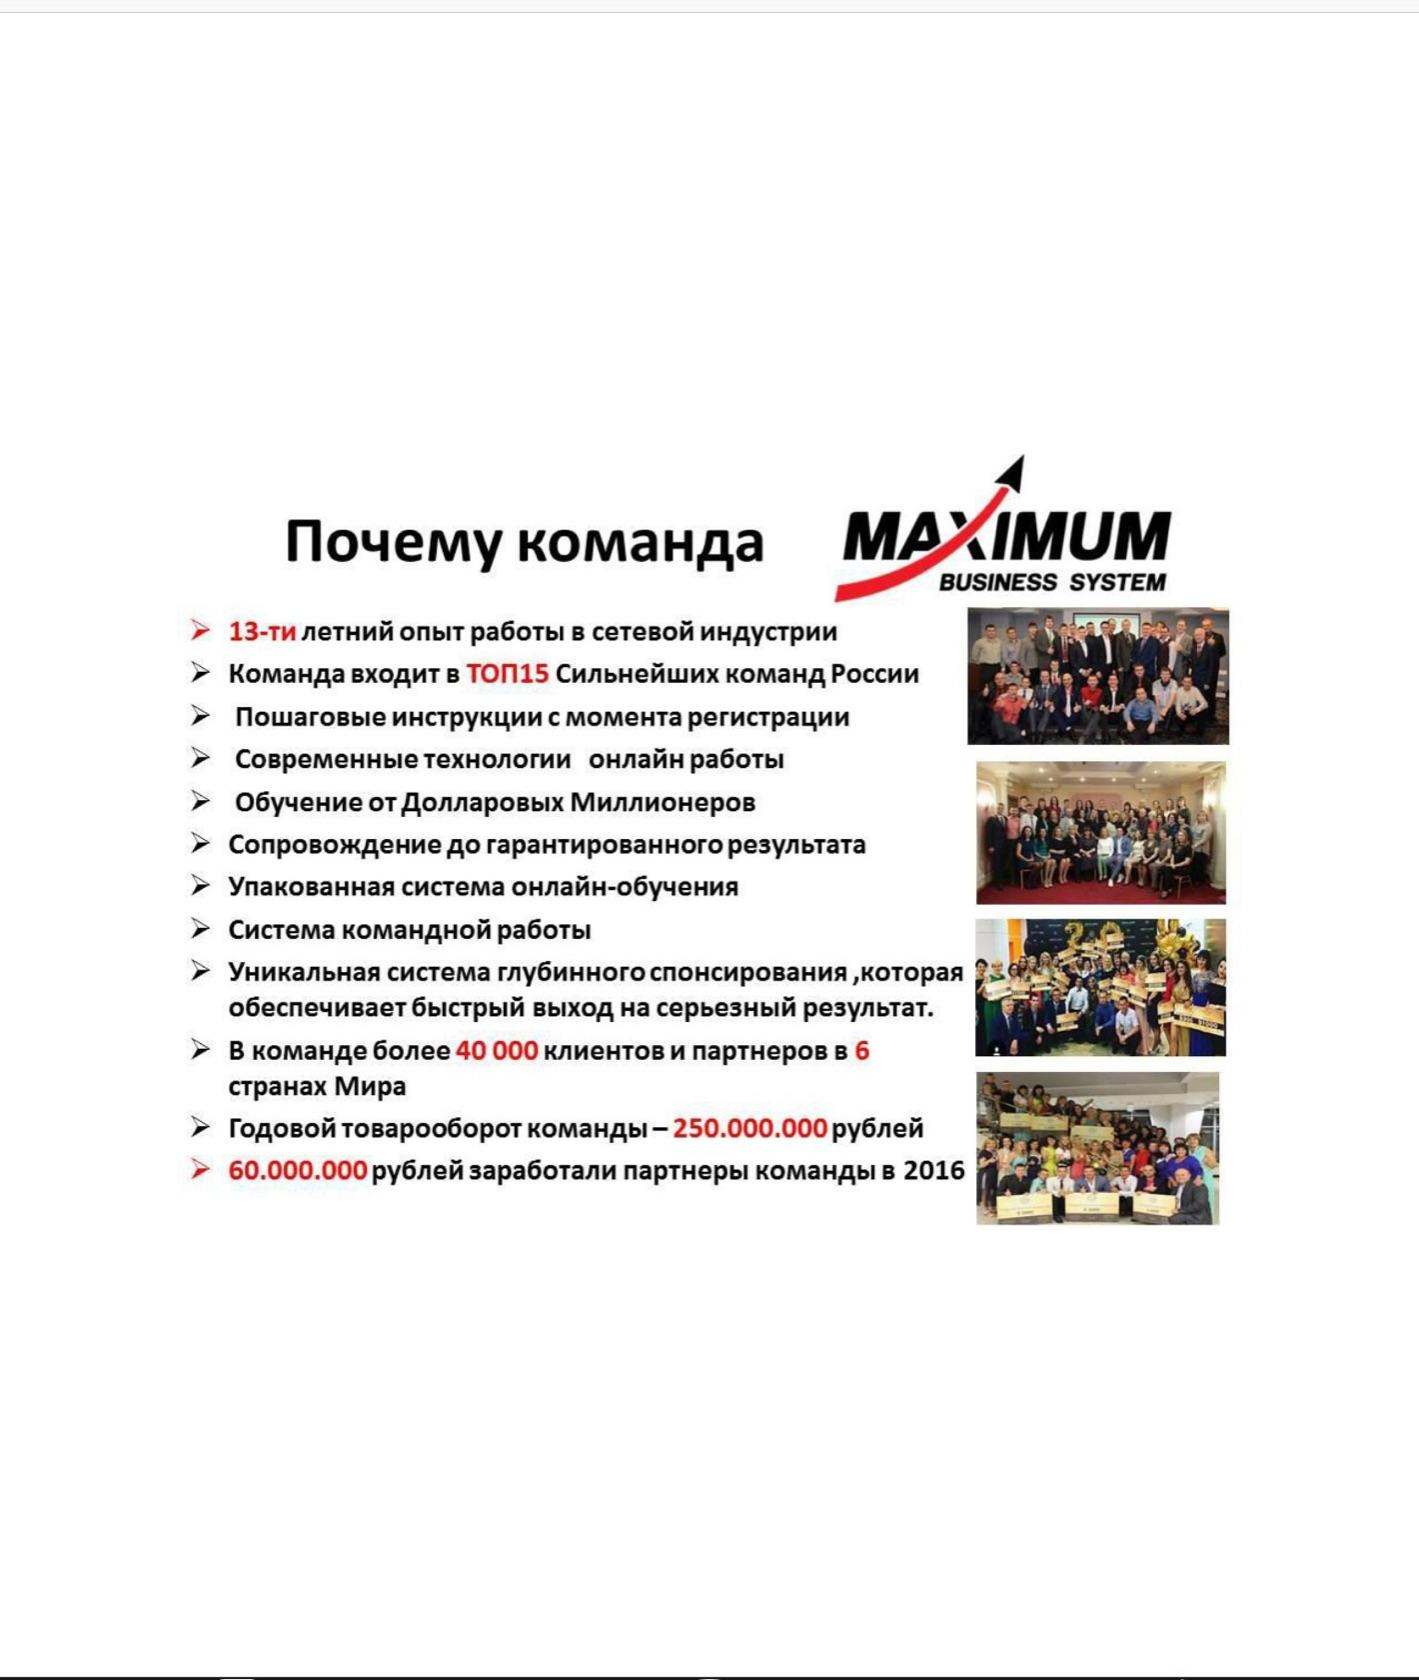 объявления о работе во владивостоке